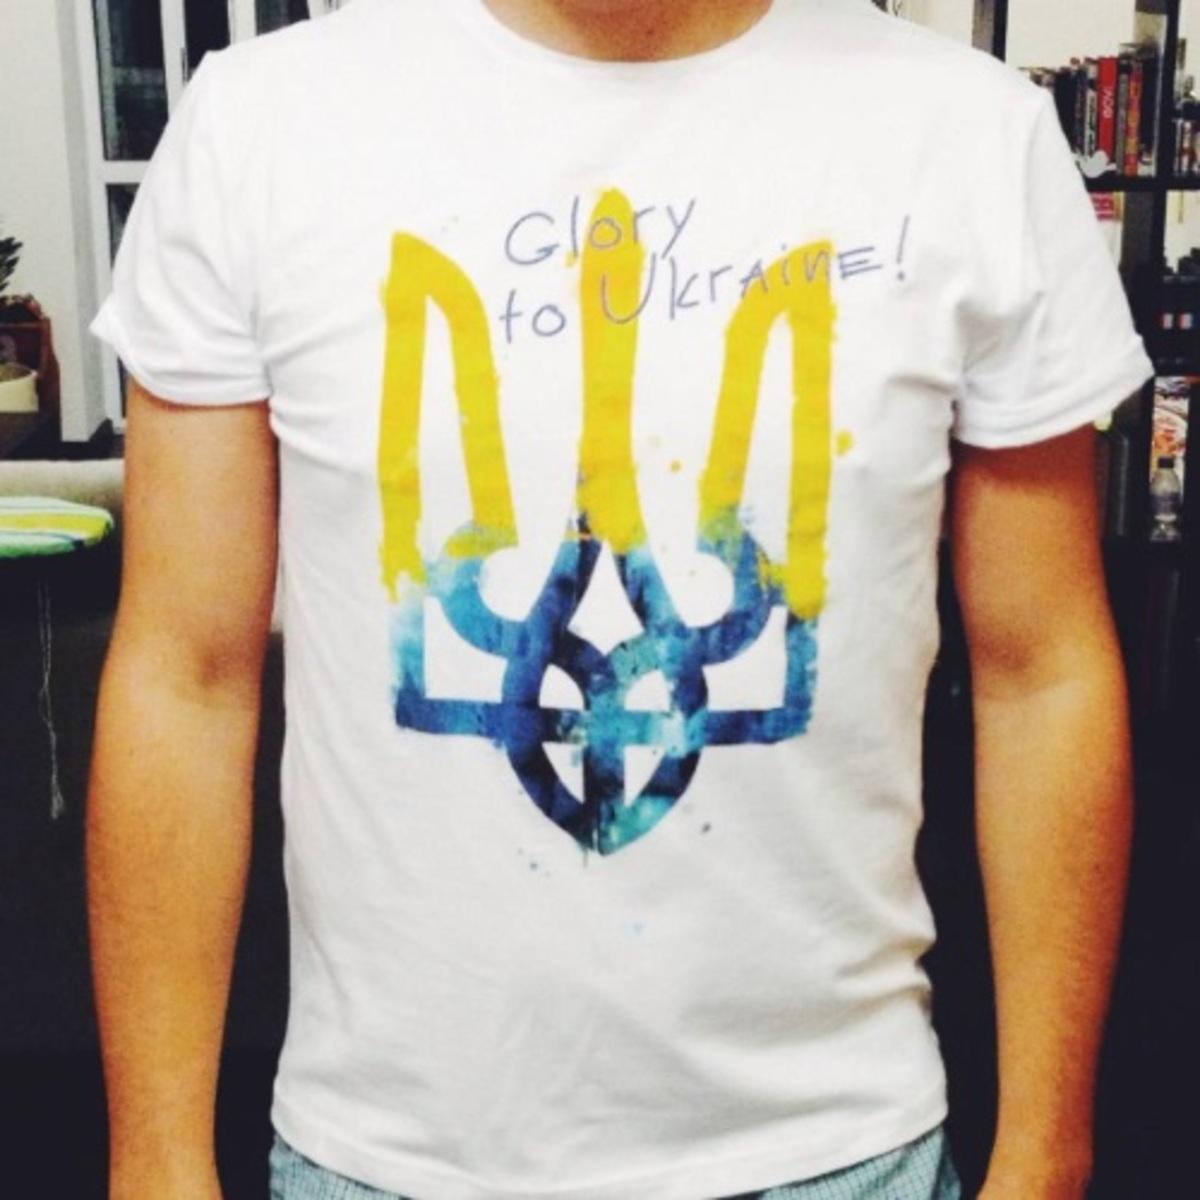 Tsukor Tsukor - футболки з патріотичною символікою 20fb5cc42b6d8